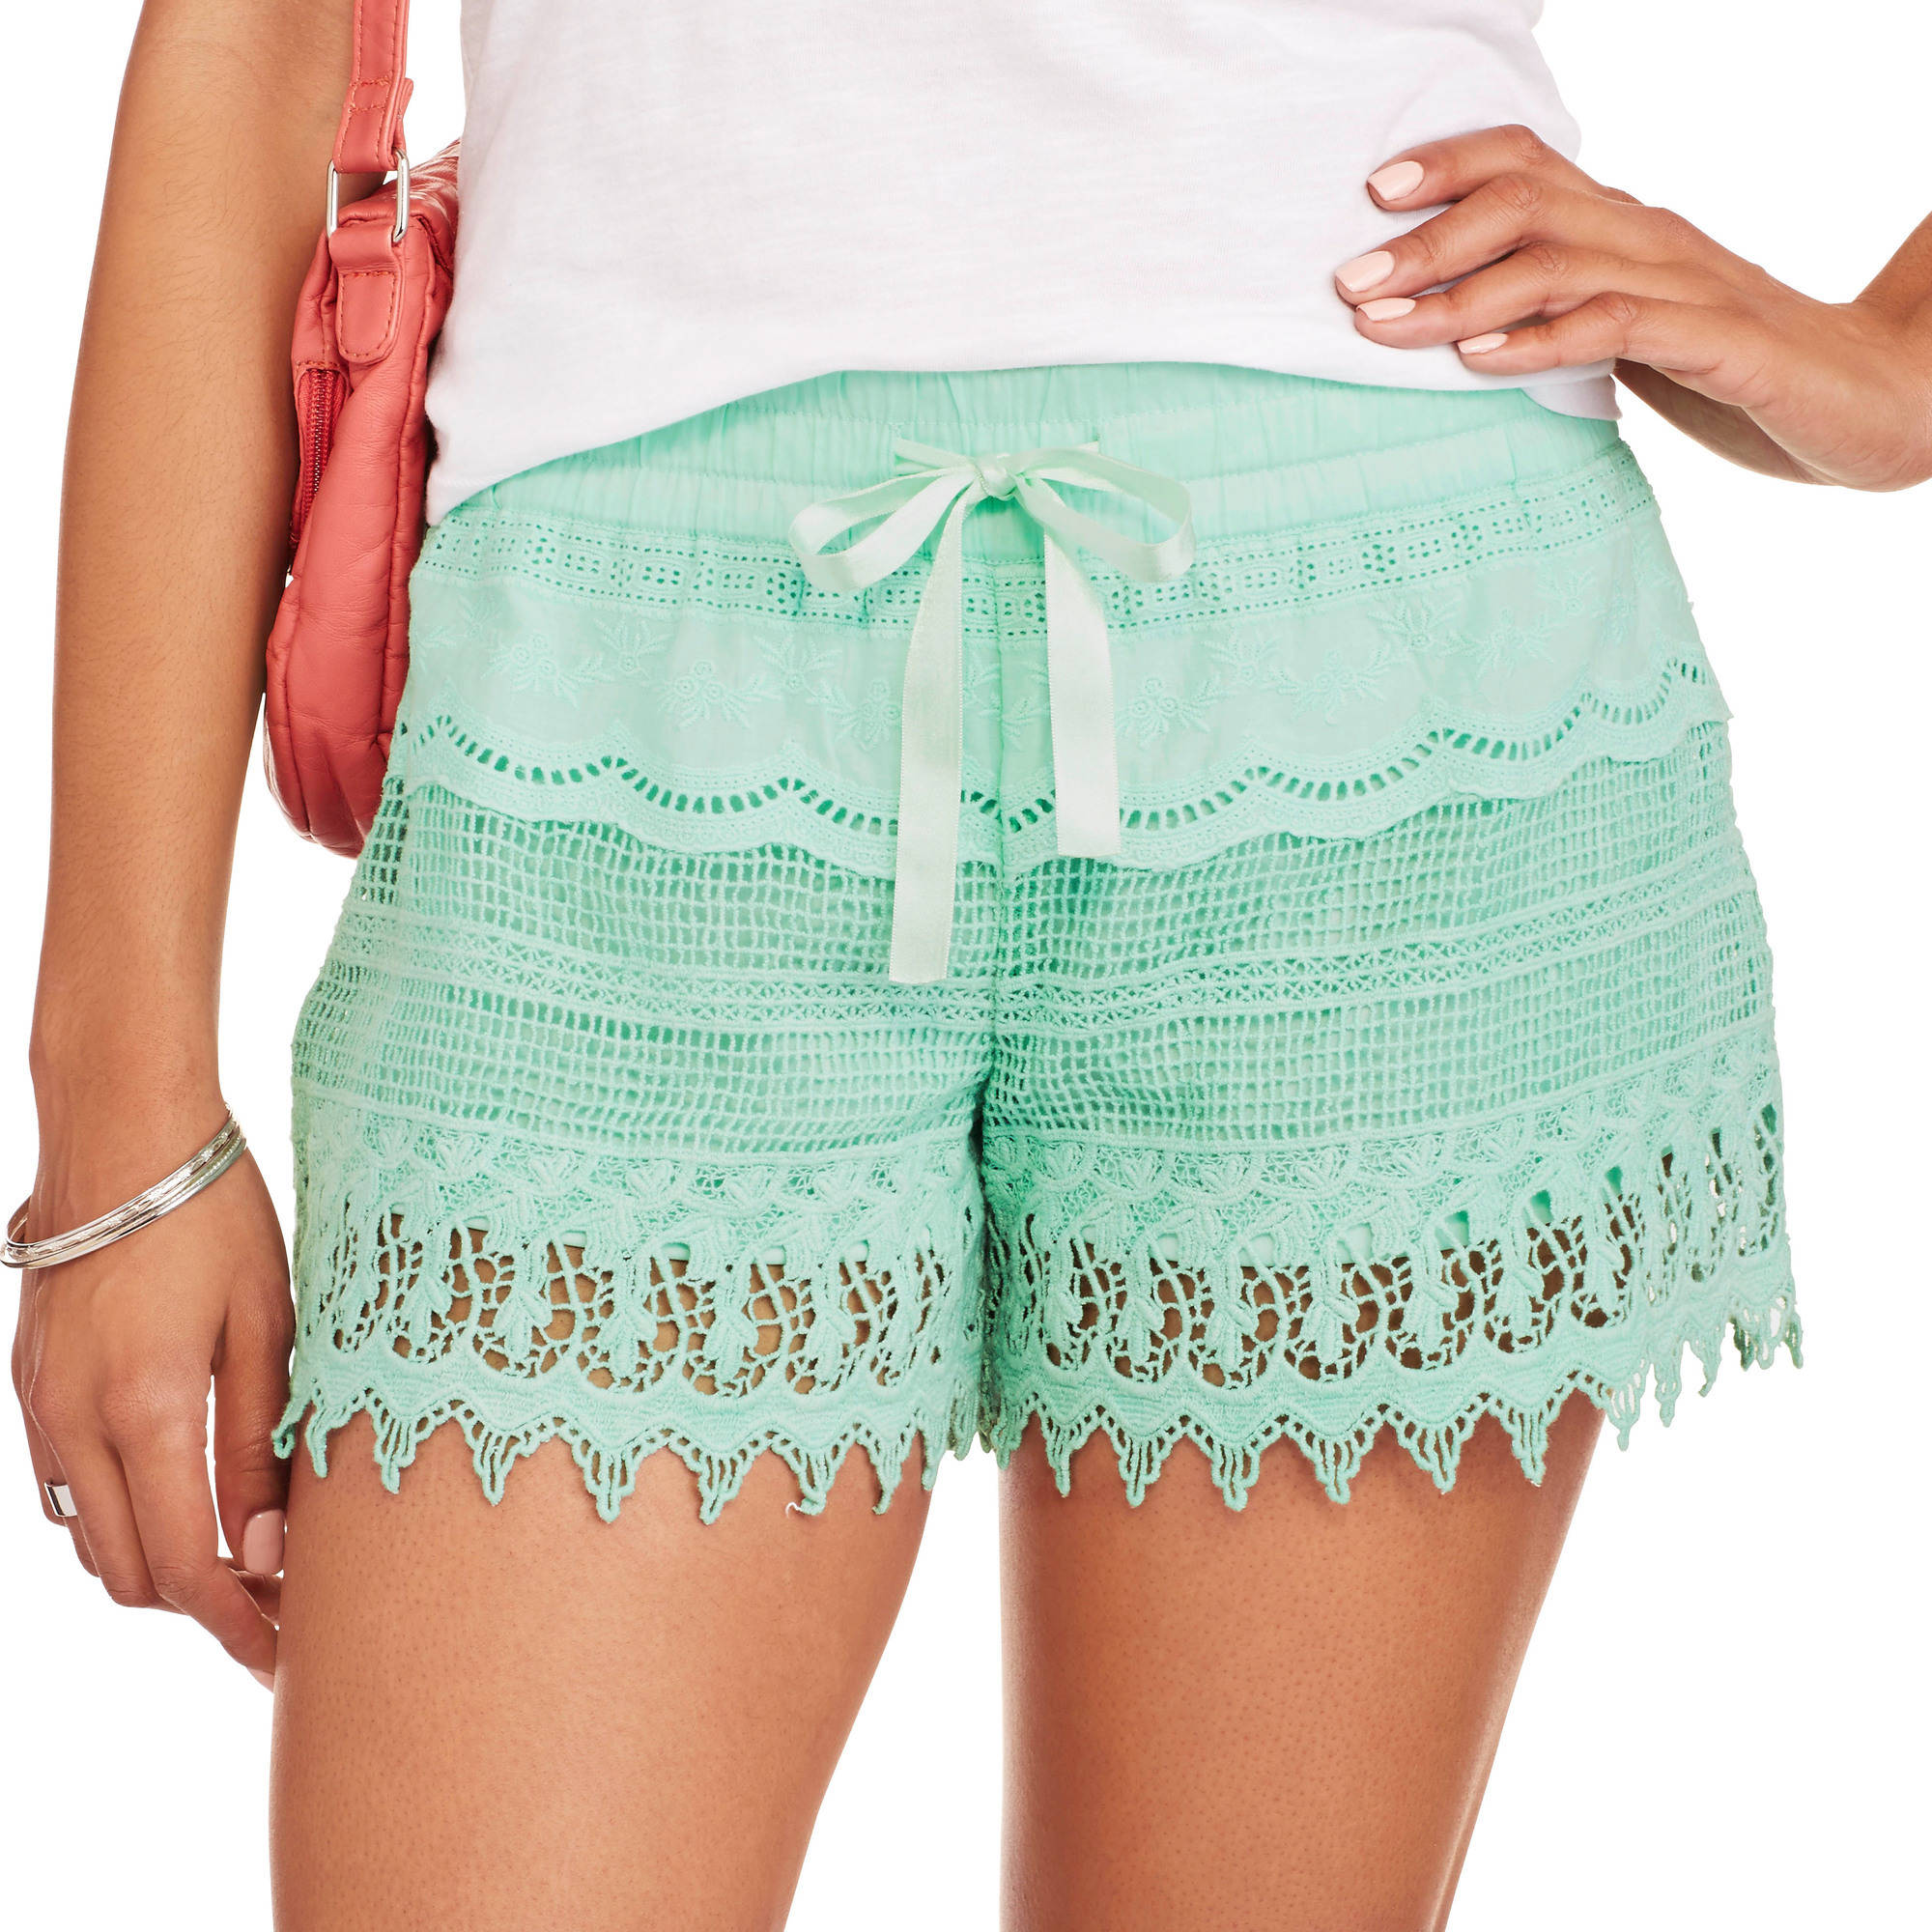 No Boundaries Crochet Short - Walmart.com